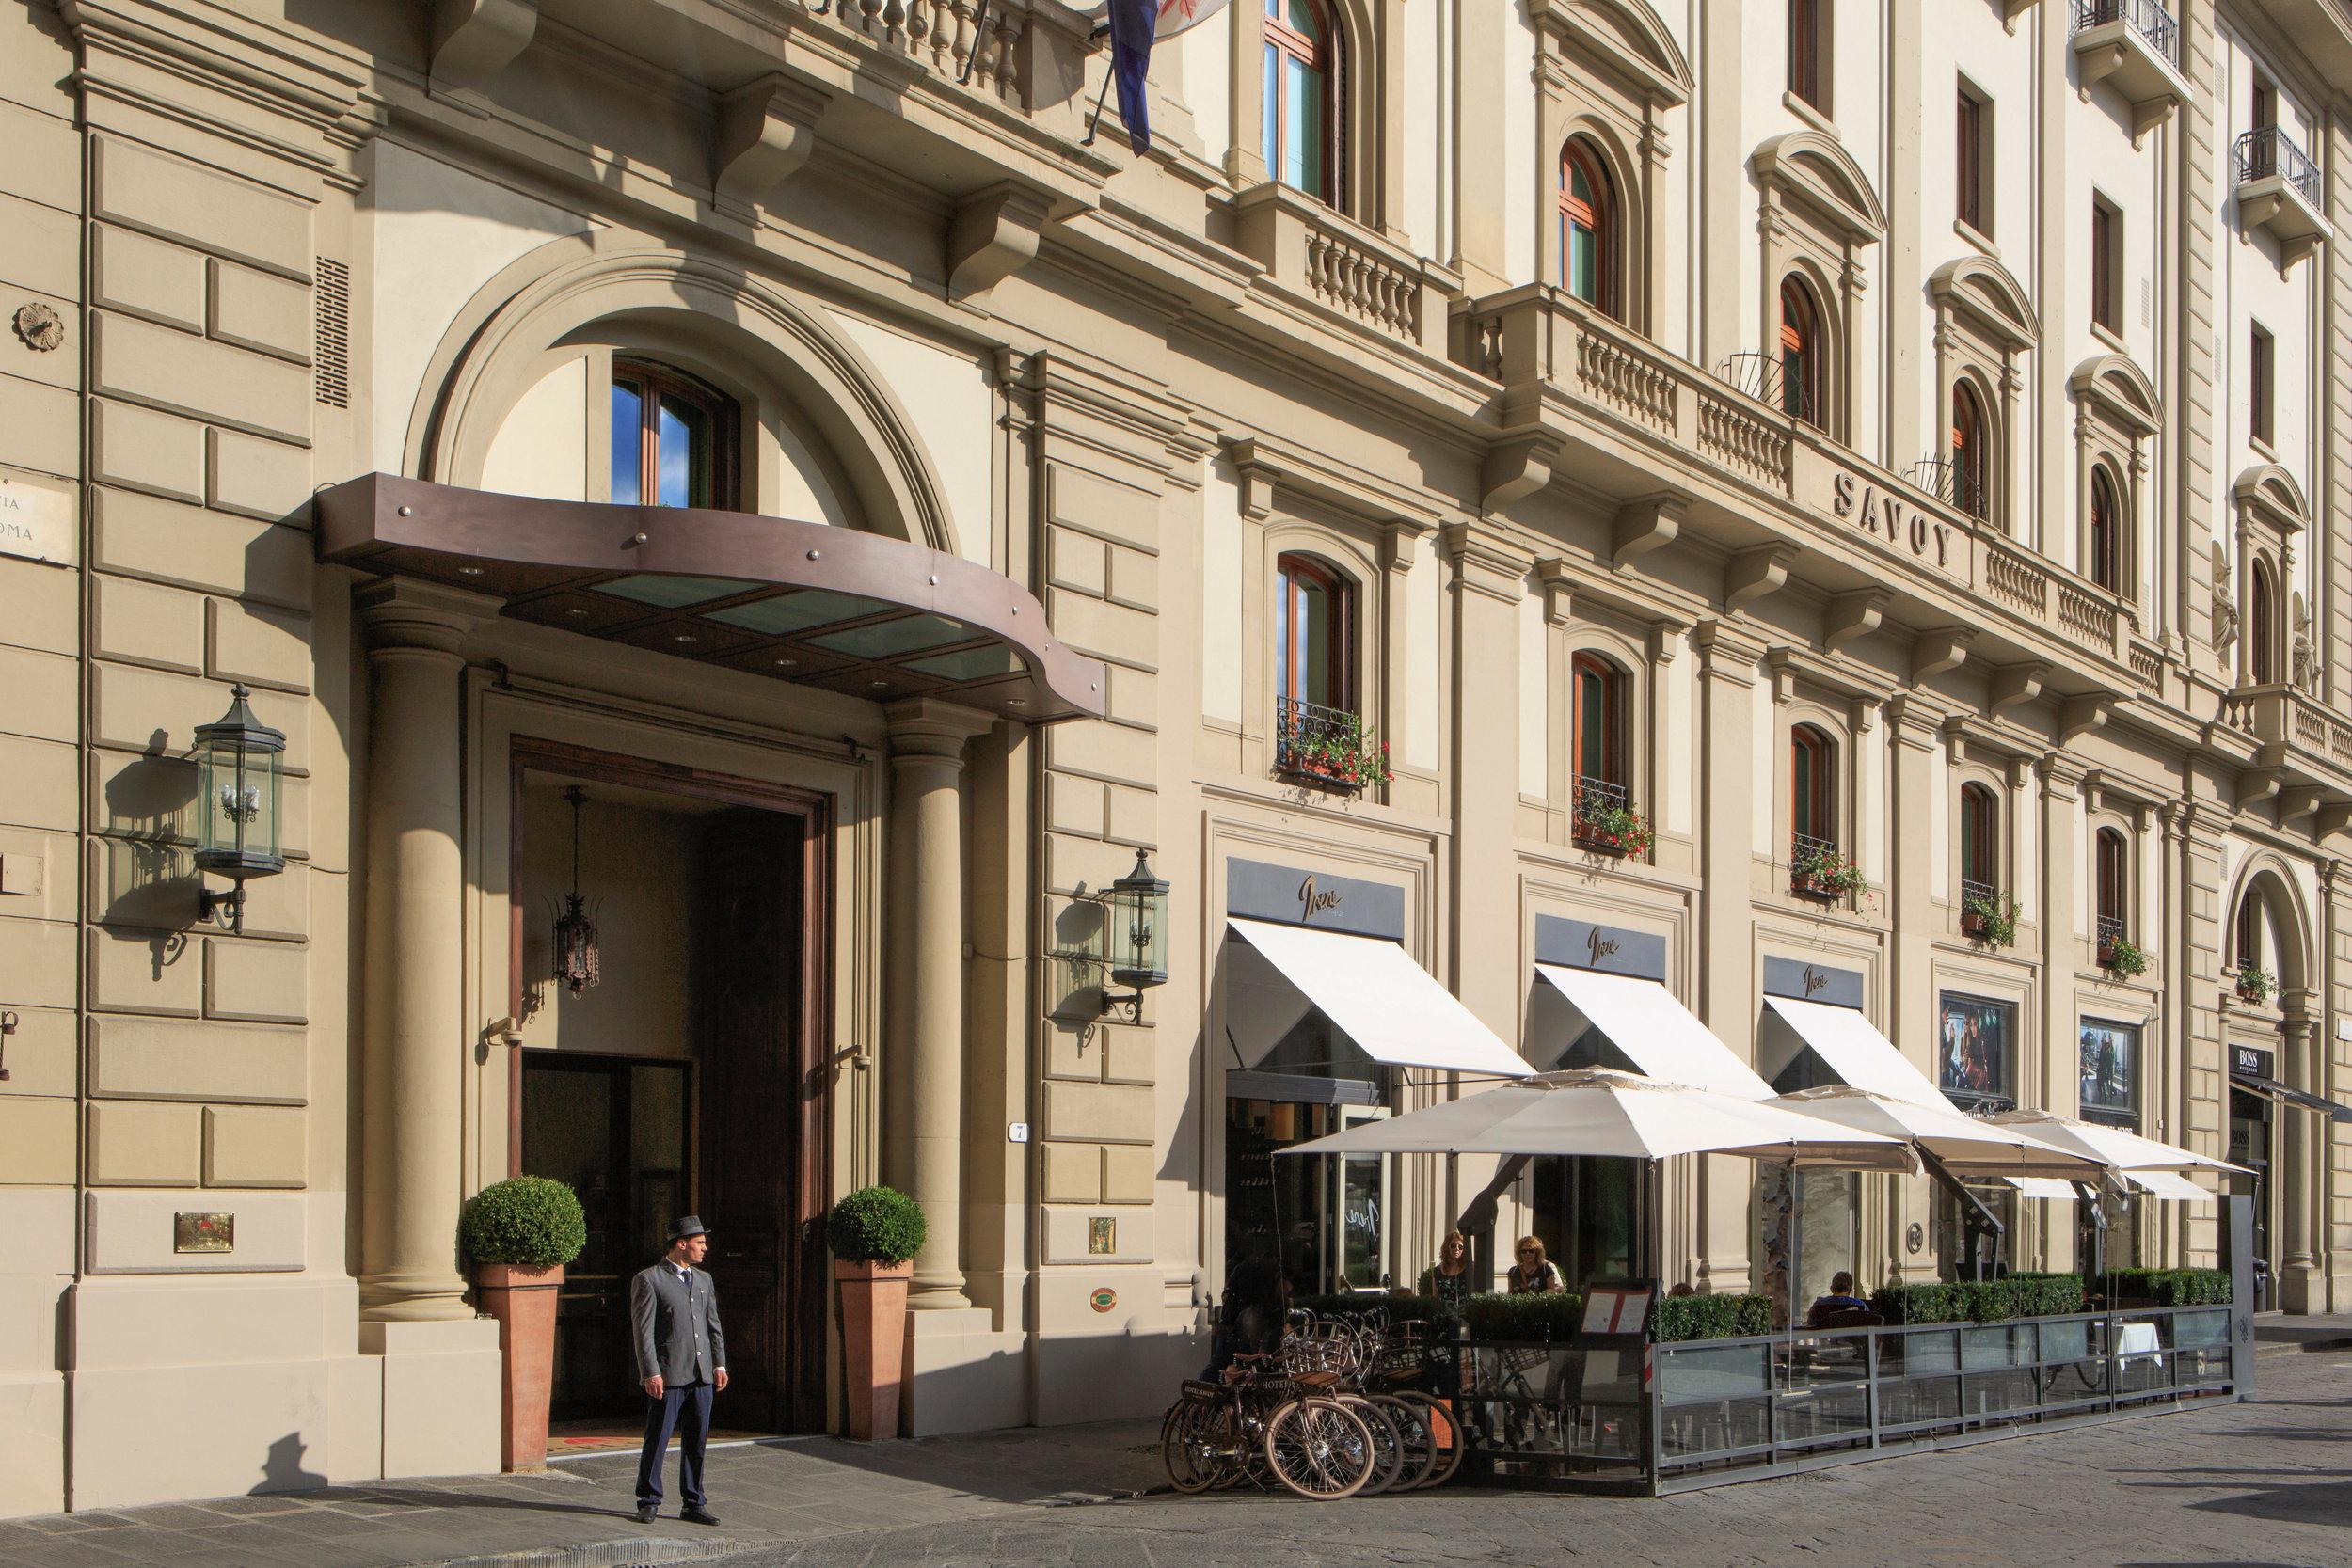 HOTEL NO 2 RFH Hotel Savoy - Facade 3624 JG Oct 16.JPG